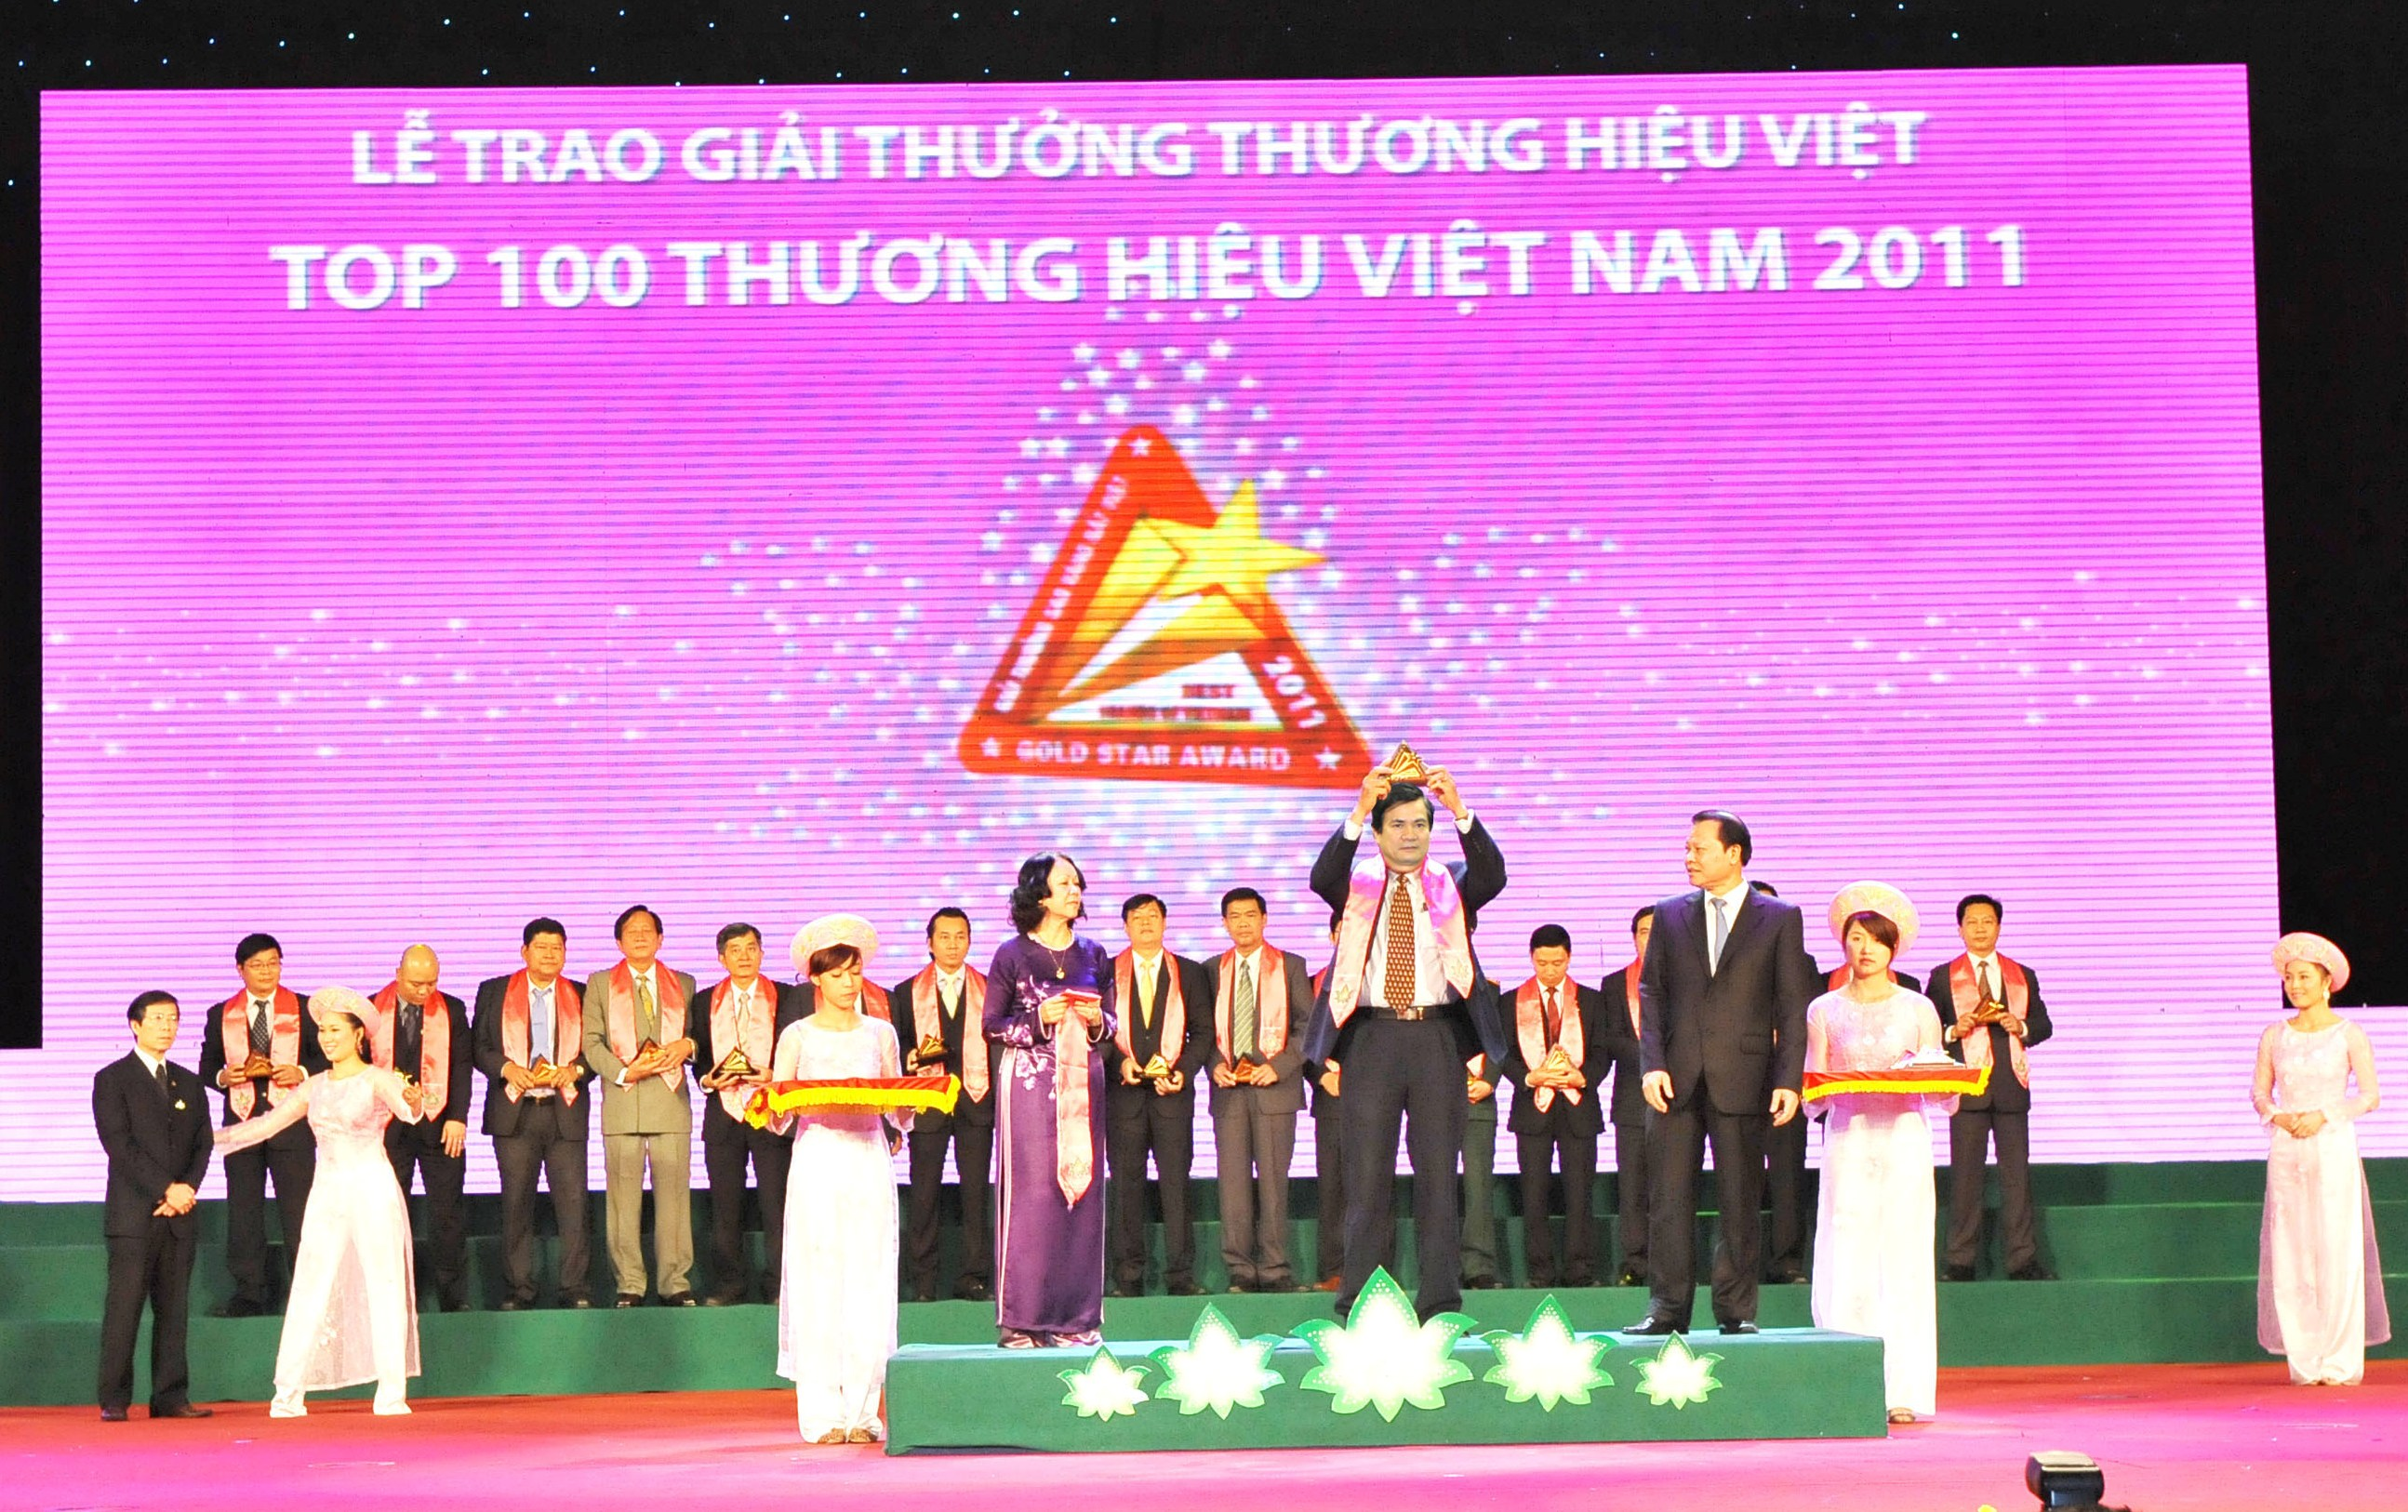 Thuong hieu Viet 2011